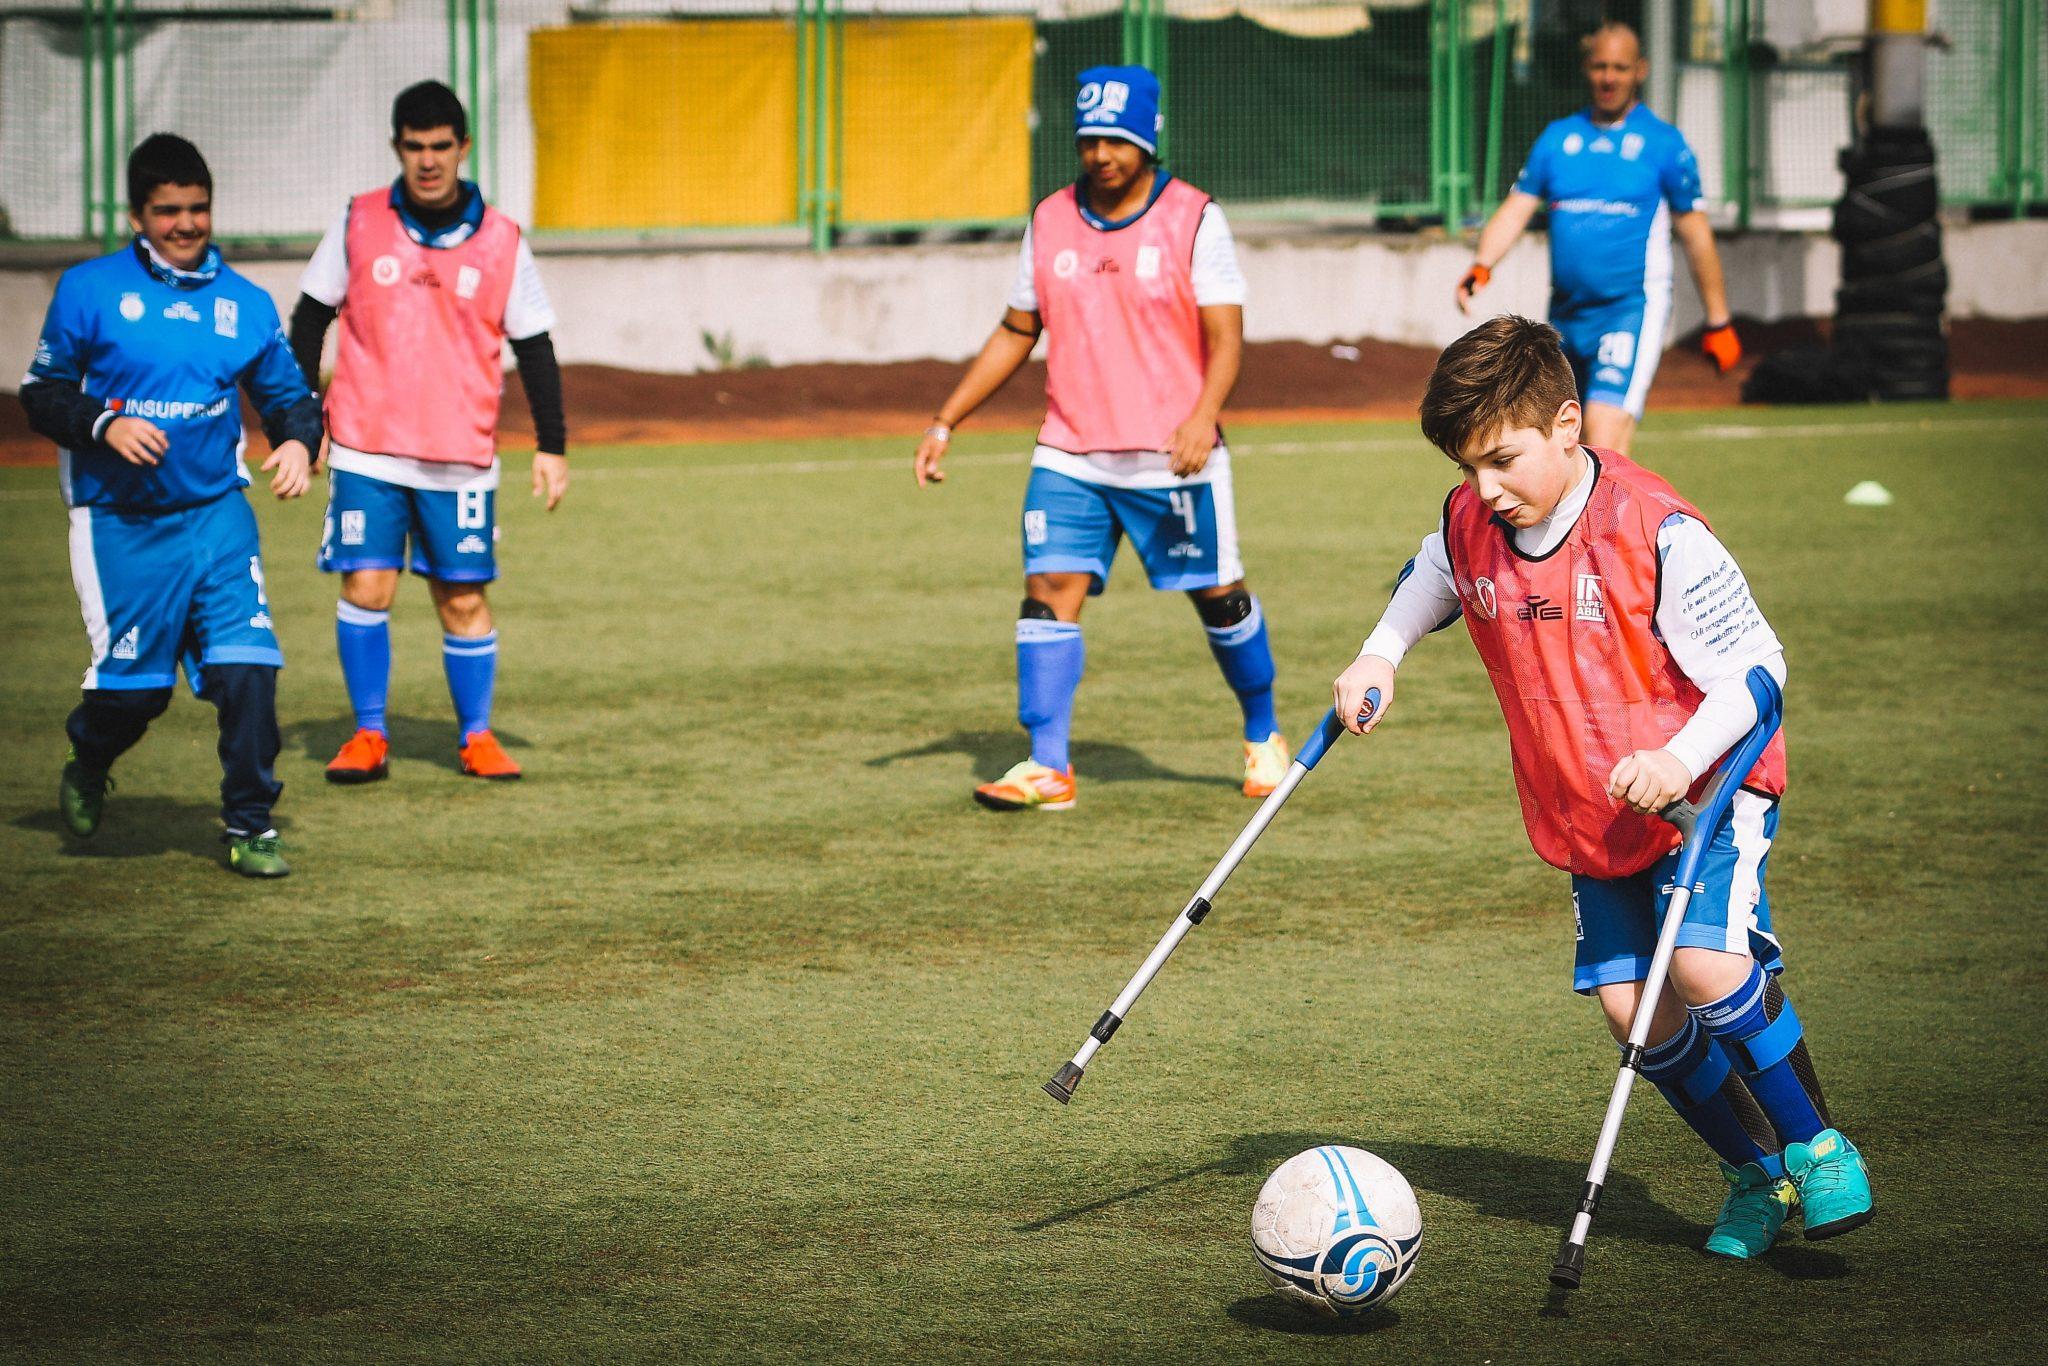 Un giovane disabile, membro della squadra degli Insuperabili